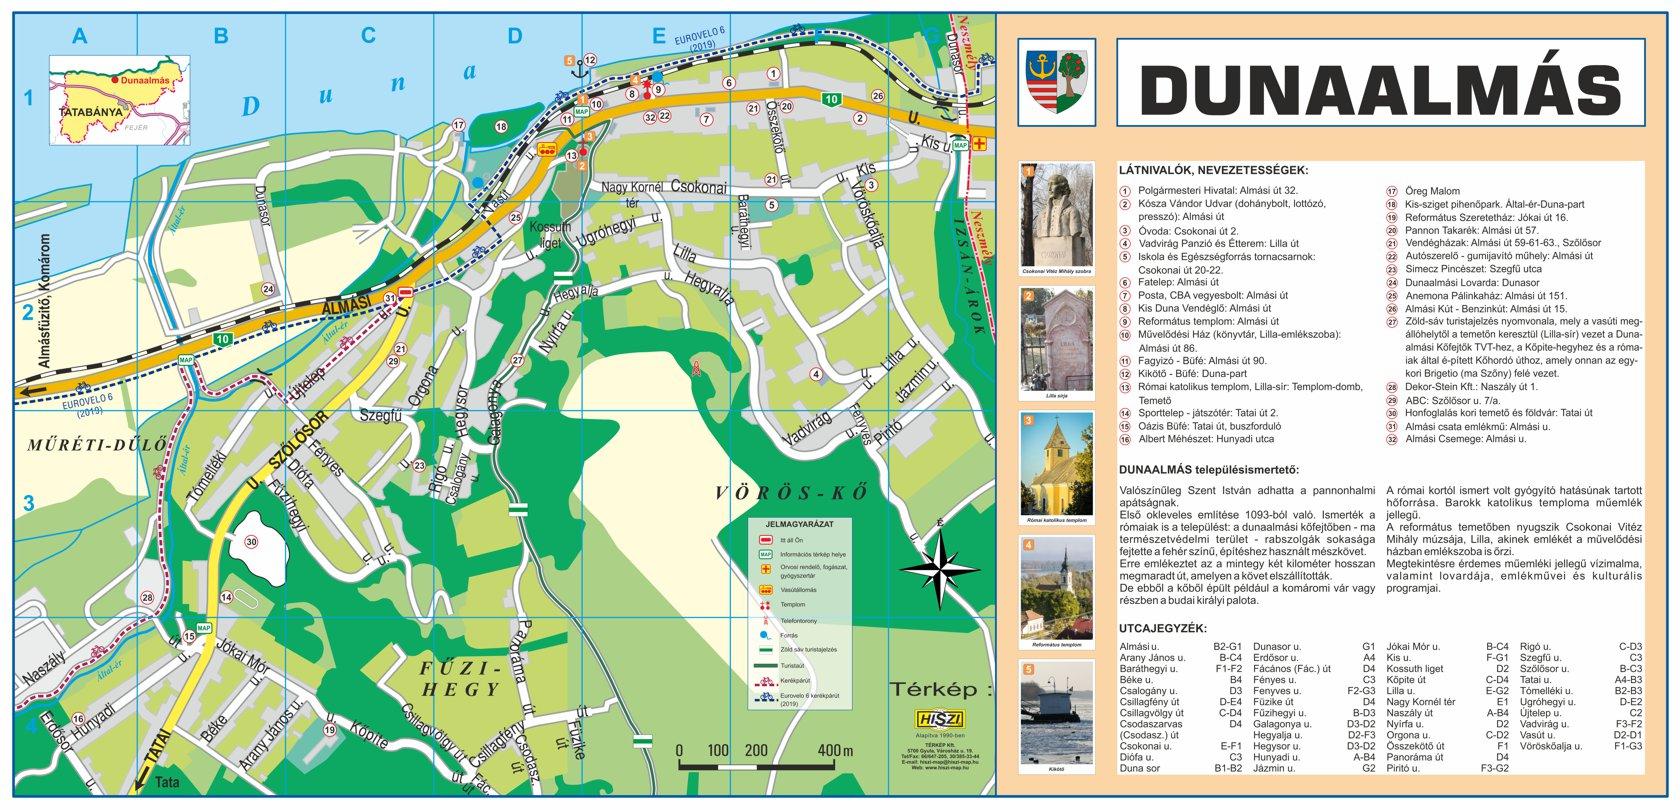 Dunaalmás információs térképe